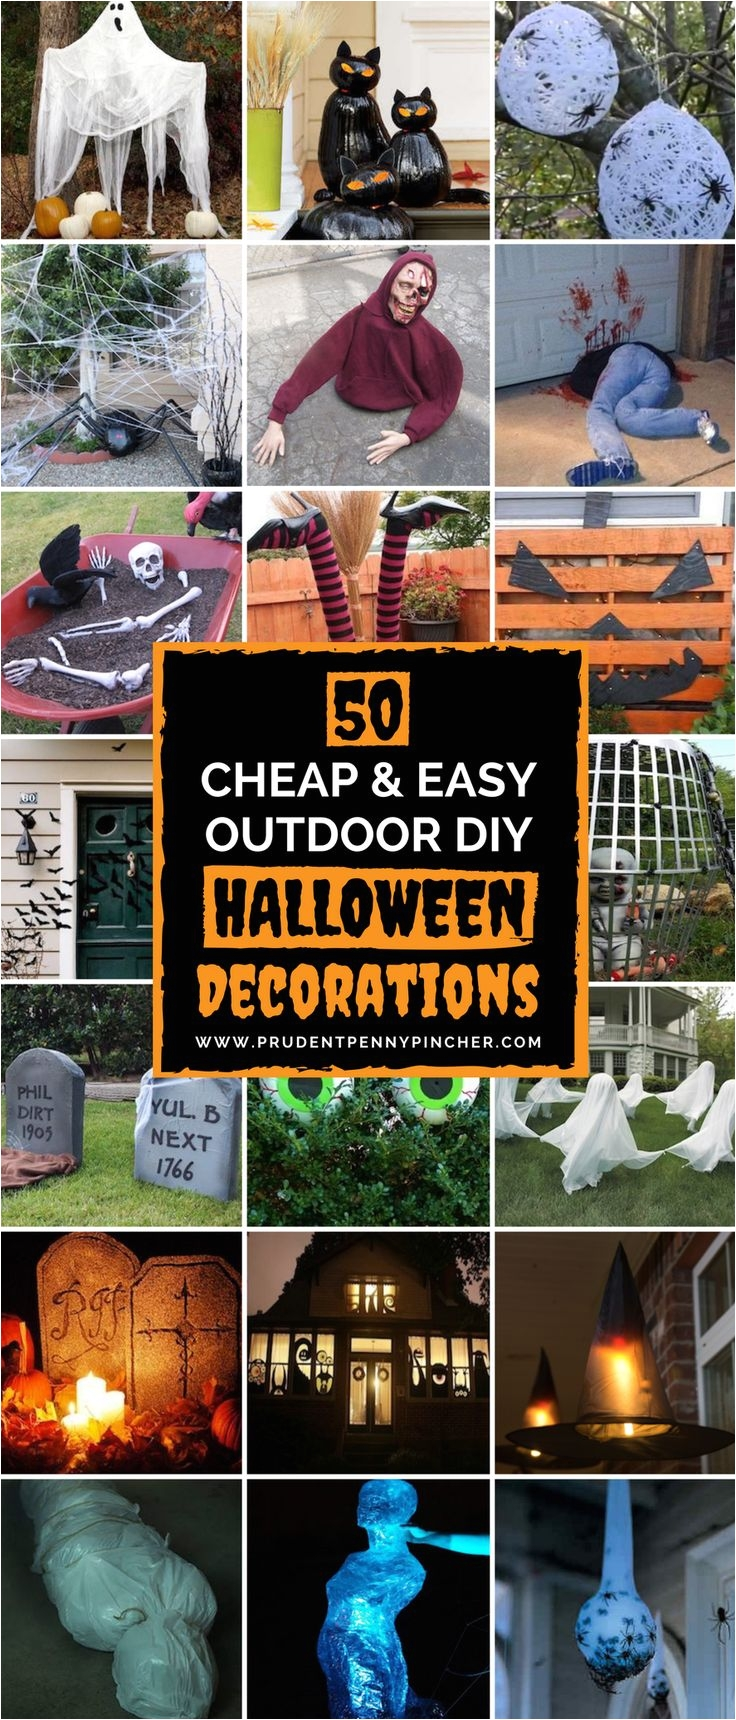 50 cheap and easy outdoor halloween decor diy ideas